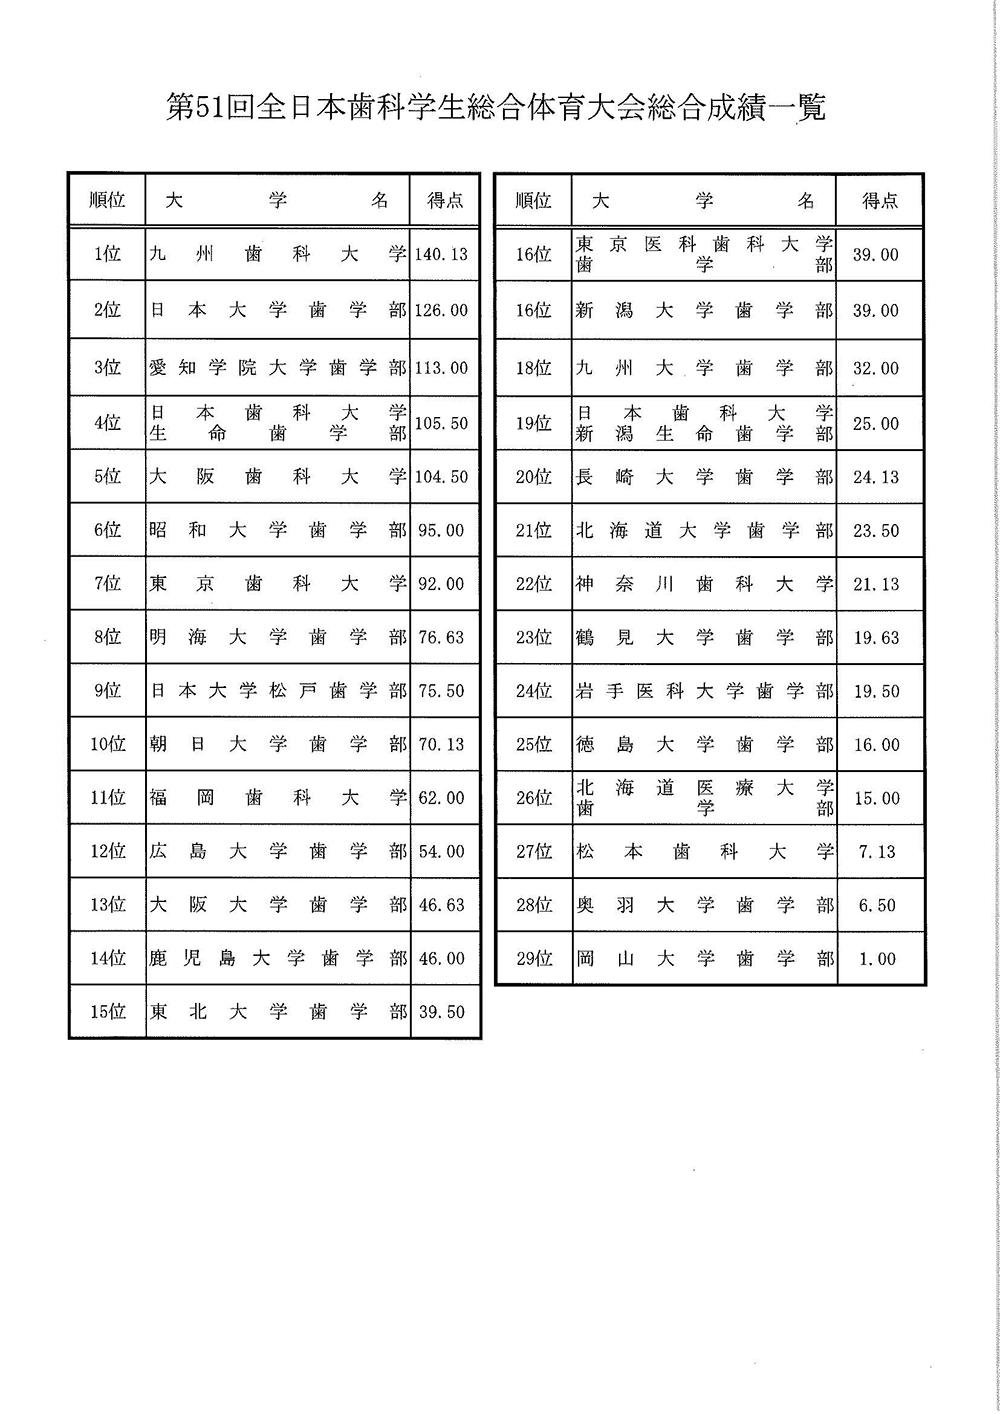 第51回全日本歯科学生総合体育大会総合成績一覧